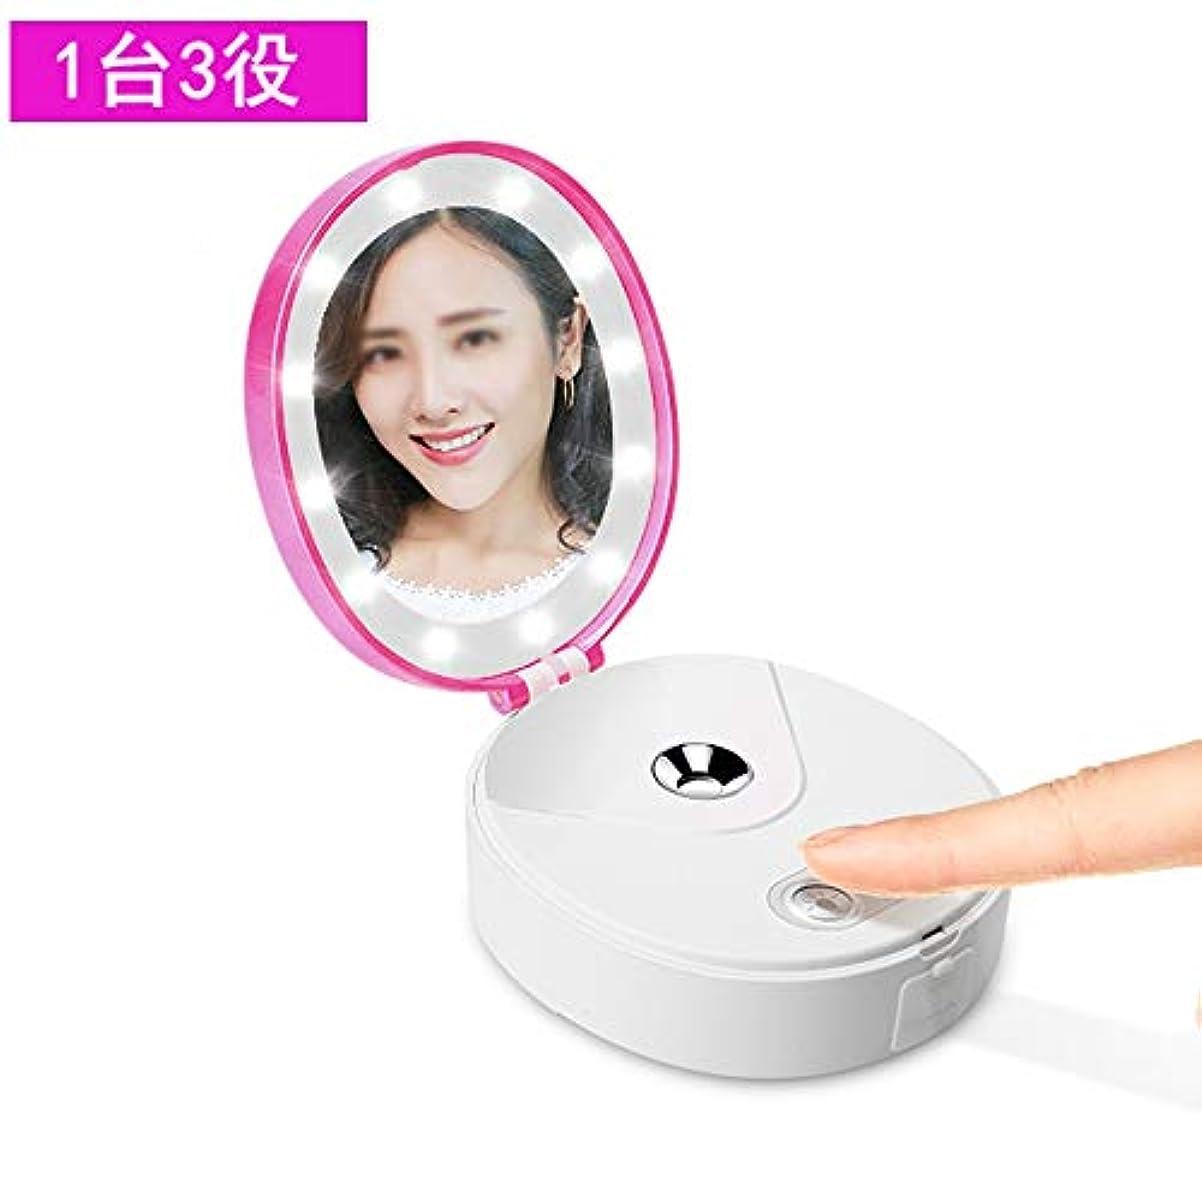 フォーラム電球だますSmiler+ LED 化粧鏡 化粧ミラー 鏡 女優ミラー led付き 補水ナノスプレー加湿器 肌への補水 明るさ調節可能 180°回転 usb充電式 携帯に充電に可能